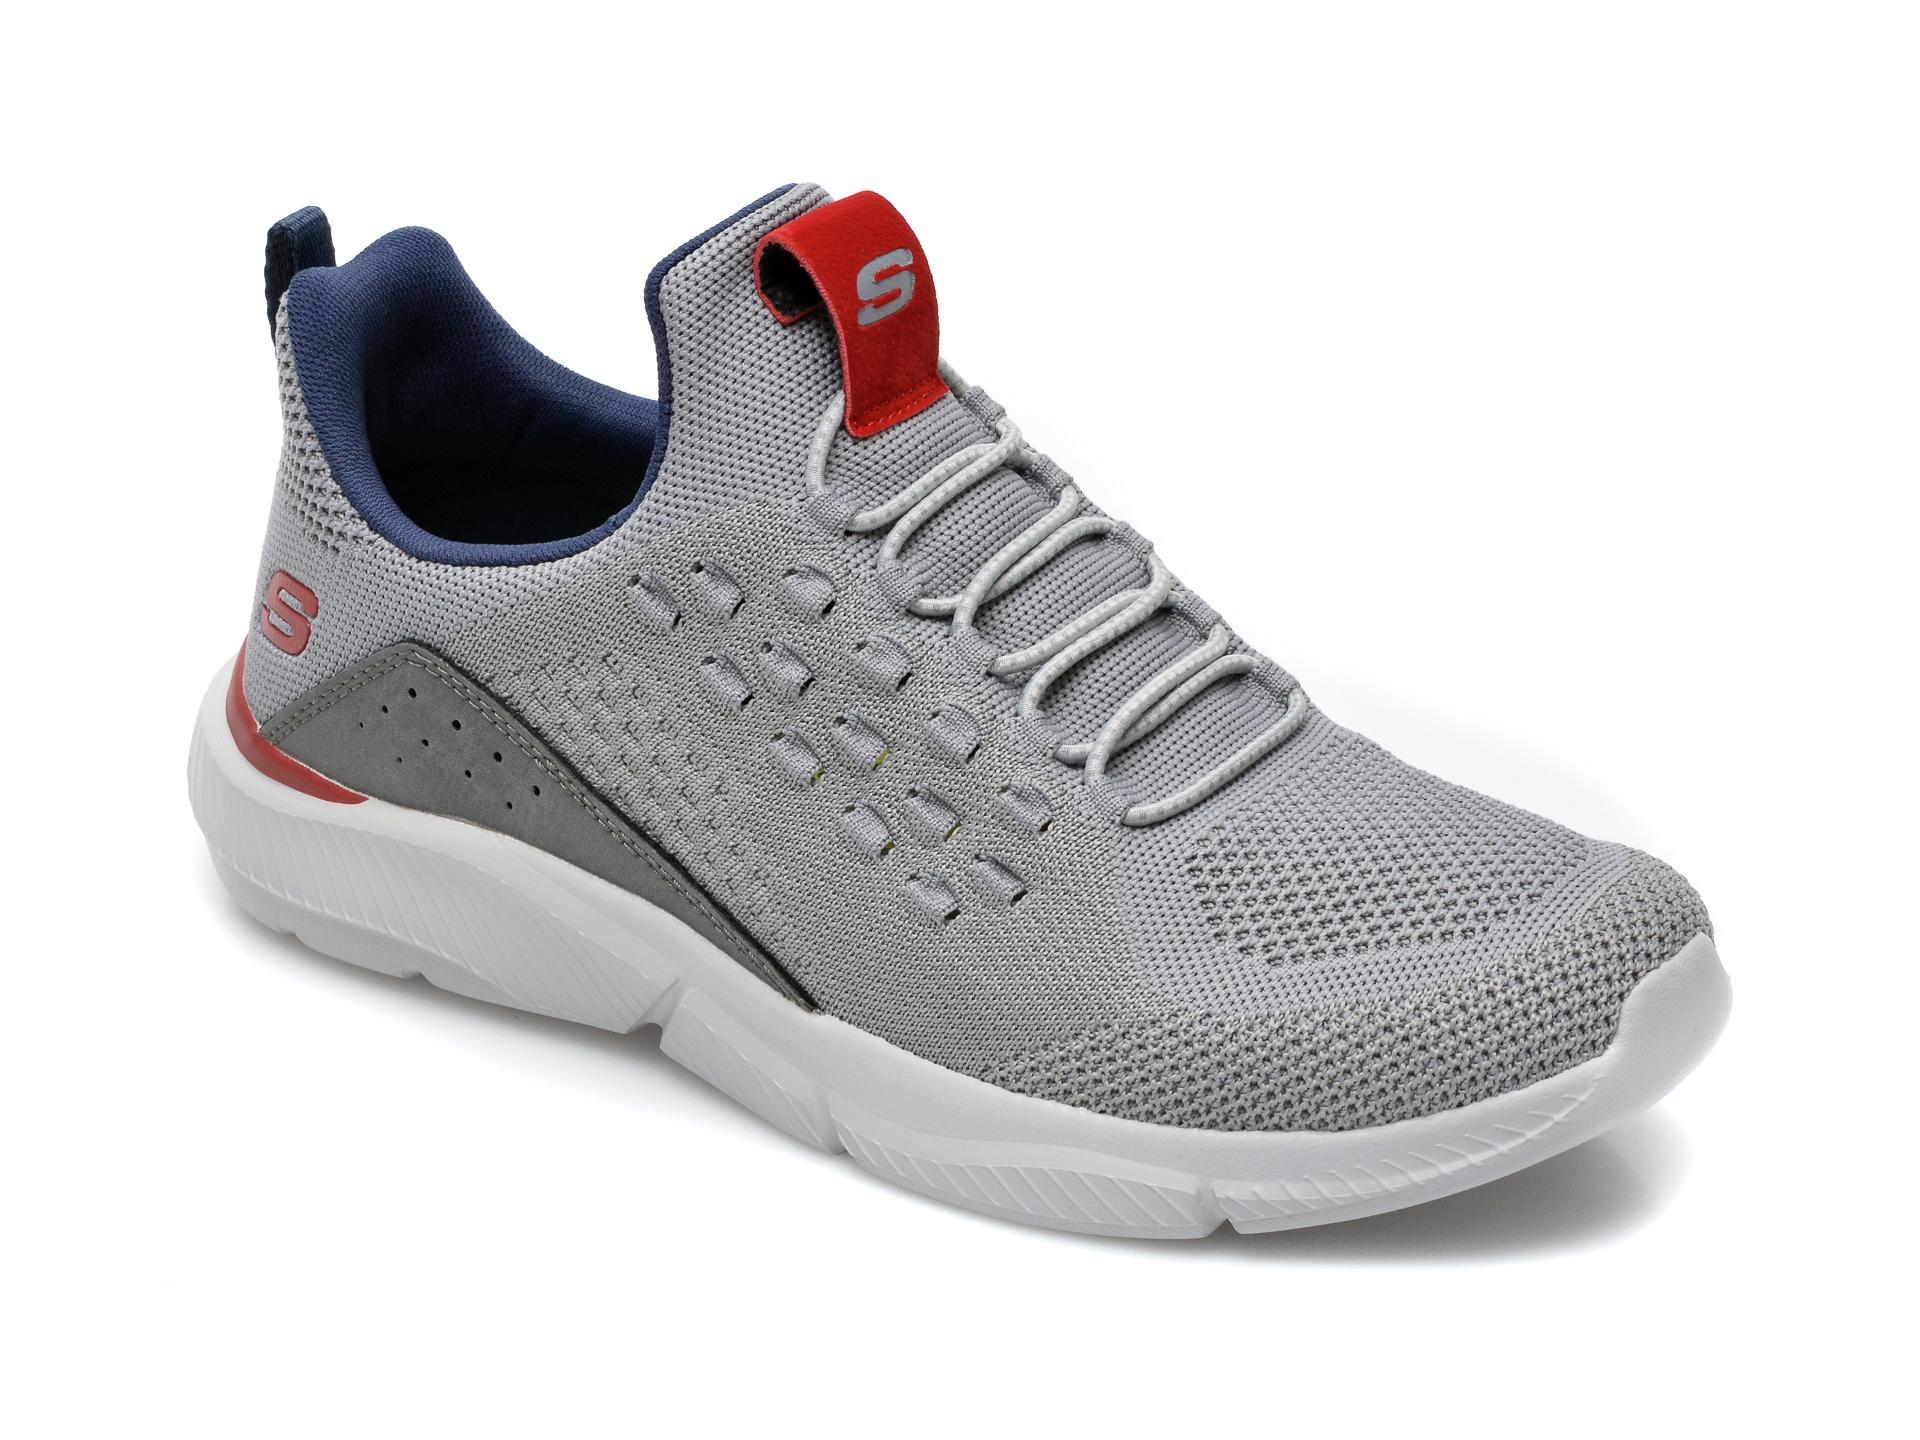 Pantofi sport SKECHERS gri, Ingramstreetway, din material textil imagine